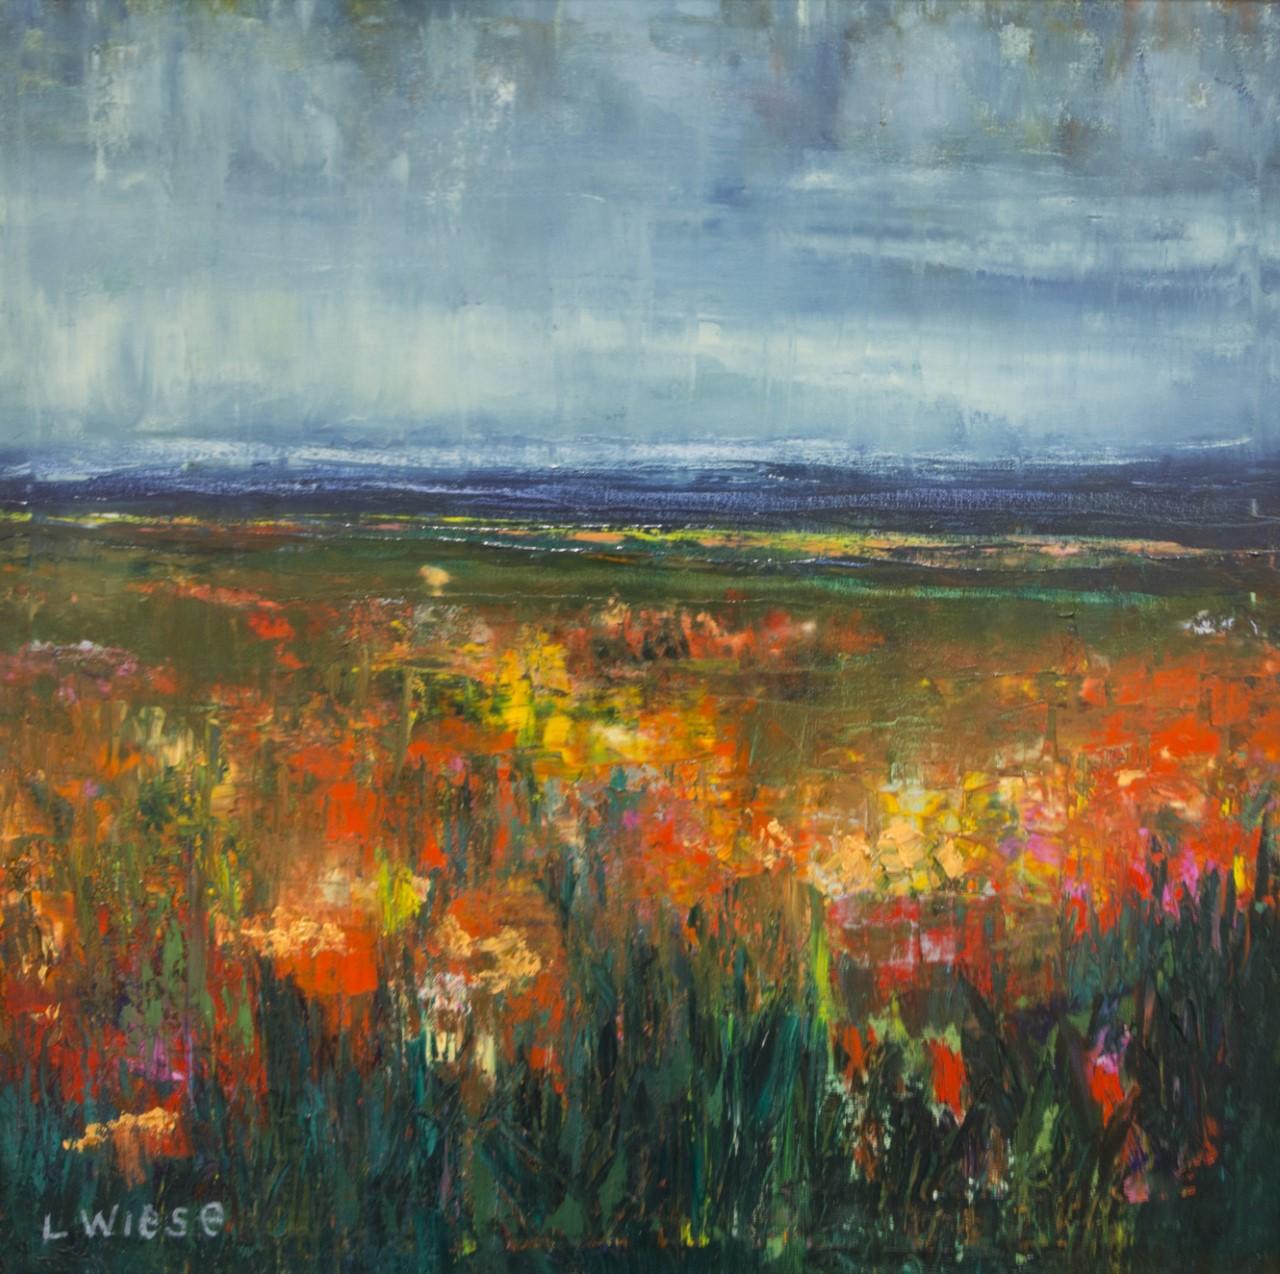 Lindy Wiese - Rain Flowers